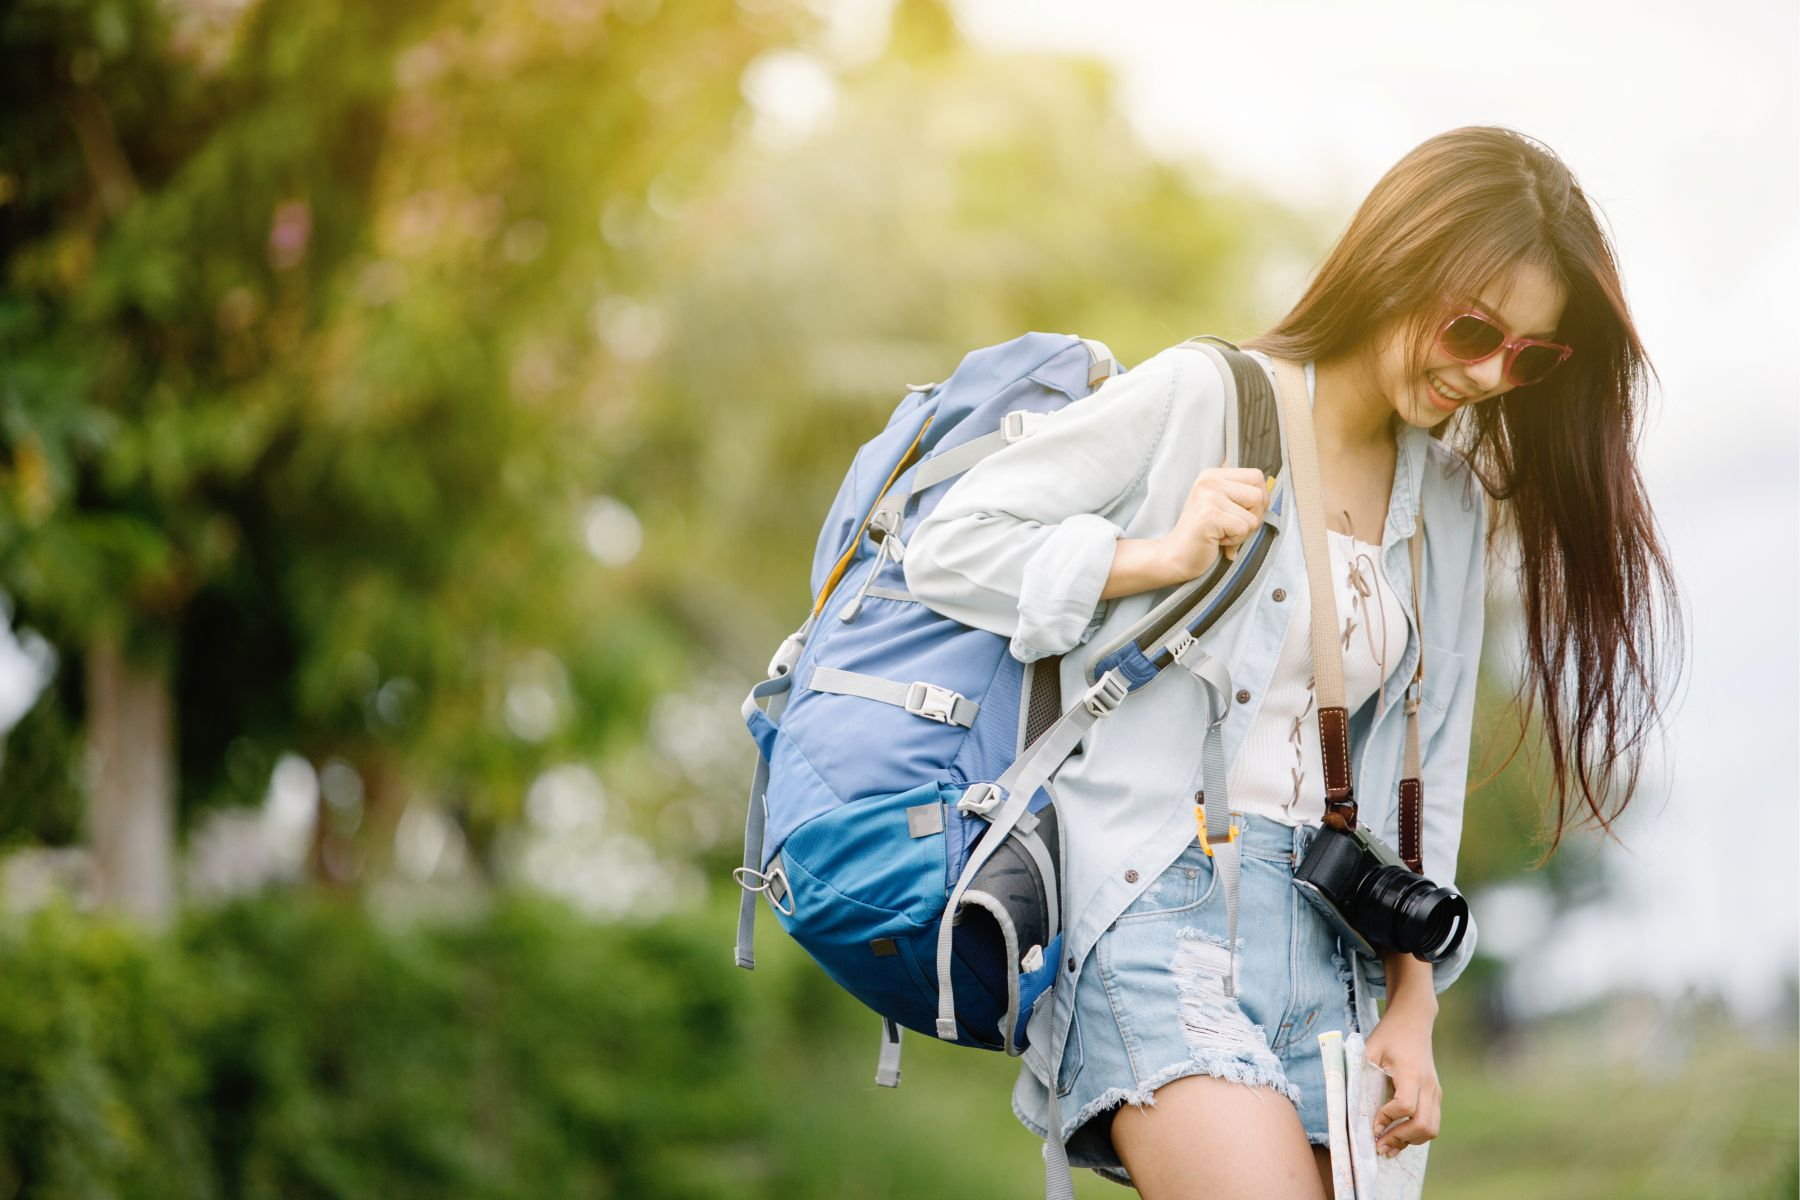 人到中年,學會「跨出」是很精彩的選擇!旅行教我的事:屬於你的快樂,就該好好珍惜